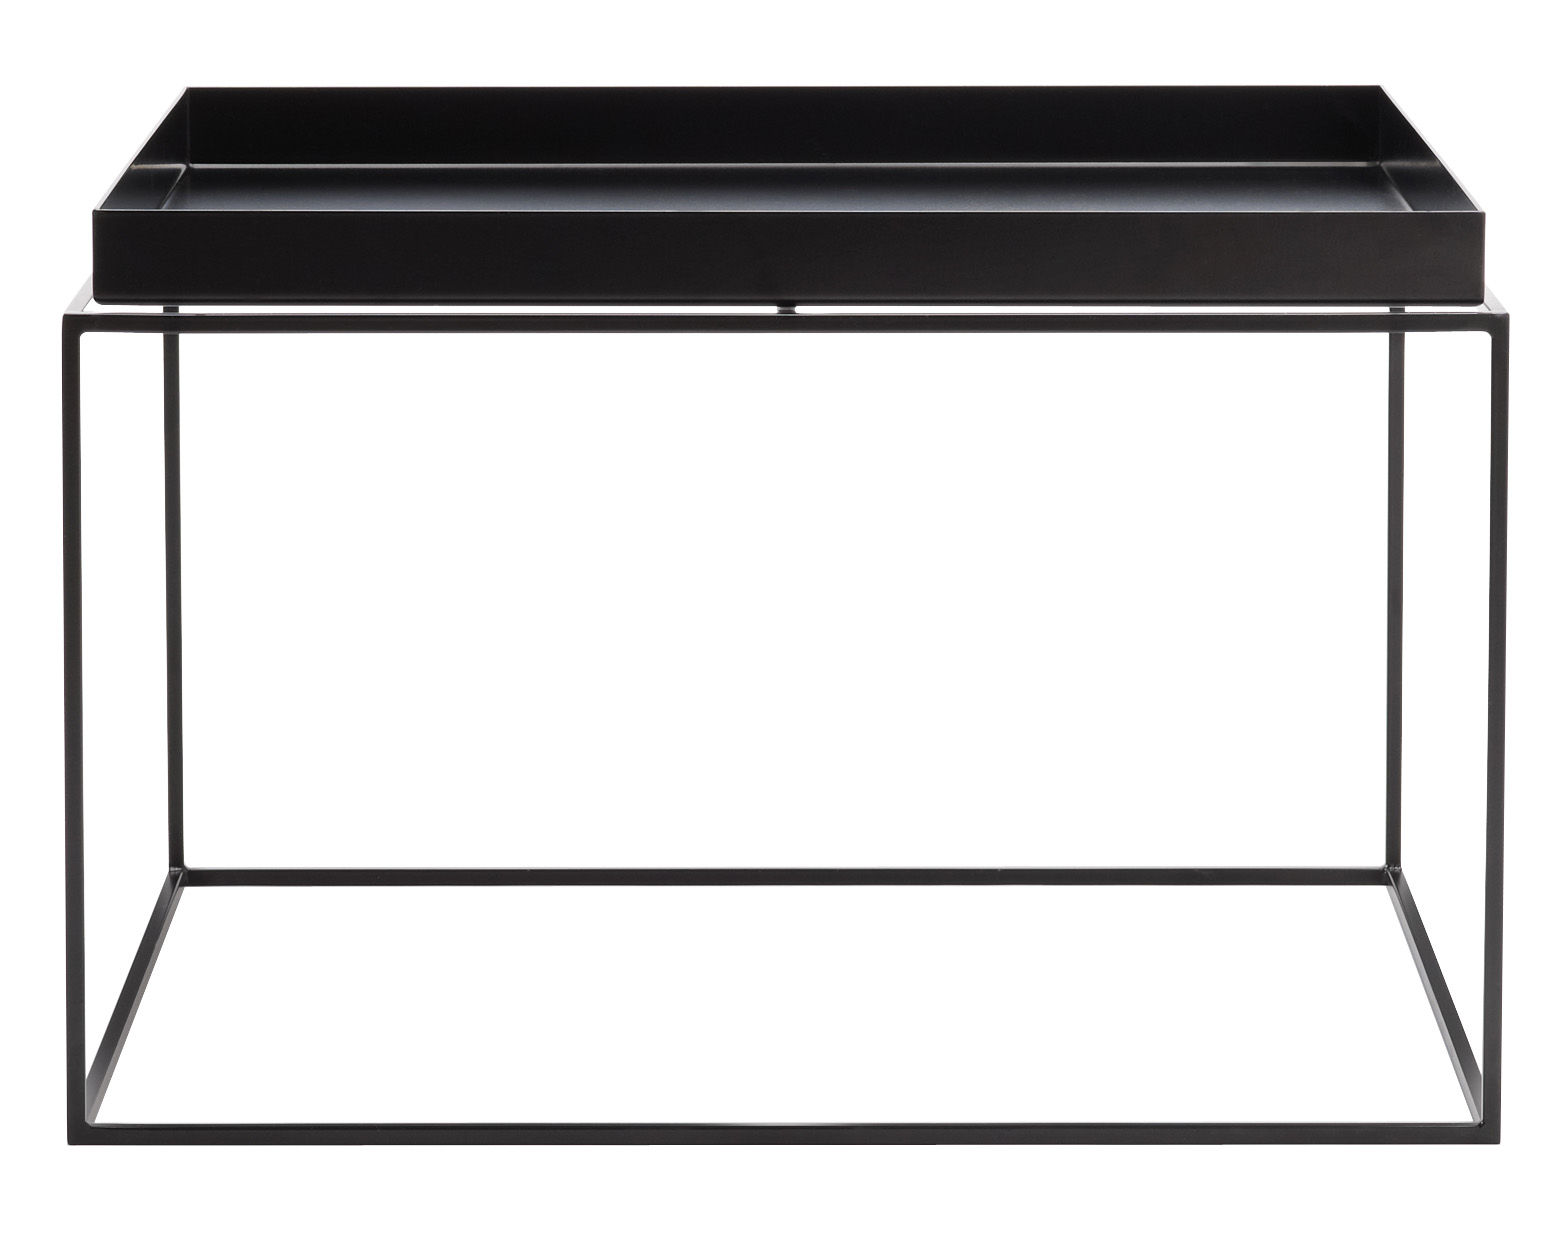 Möbel - Couchtische - Tray Couchtisch H 35 cm - 60 x 60 cm - Hay - Schwarz - lackierter Stahl